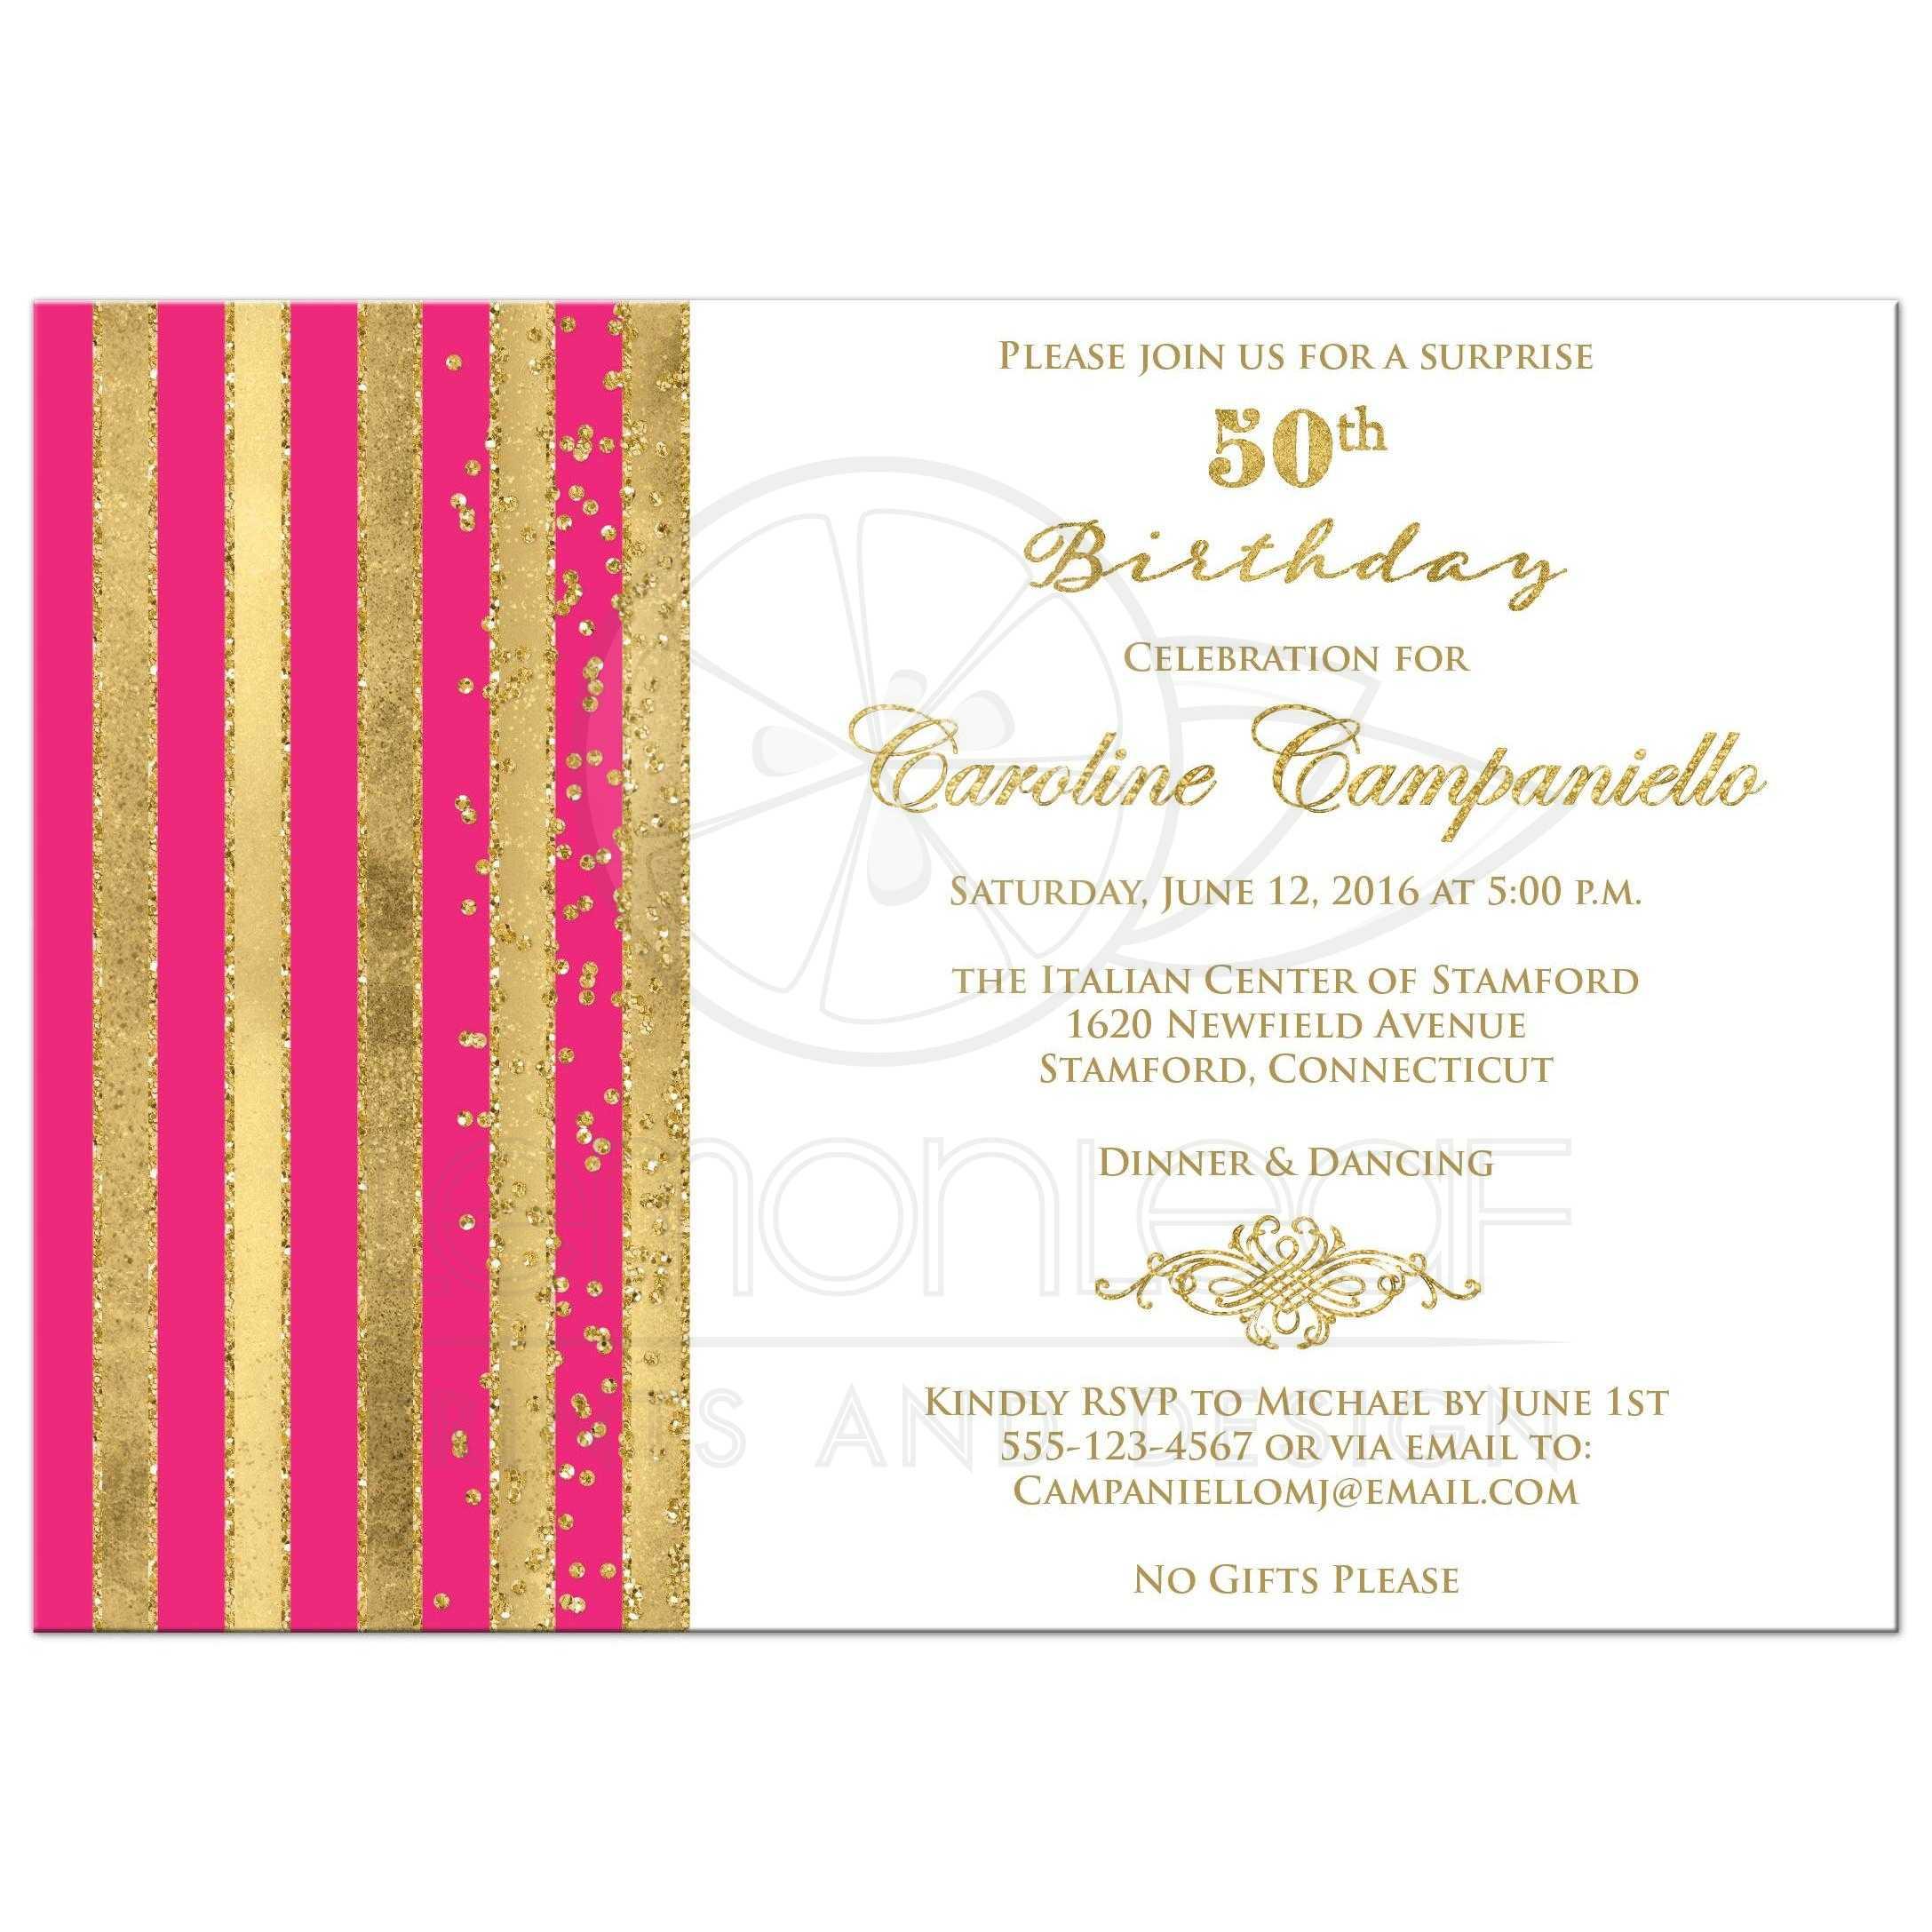 email invitation birthday